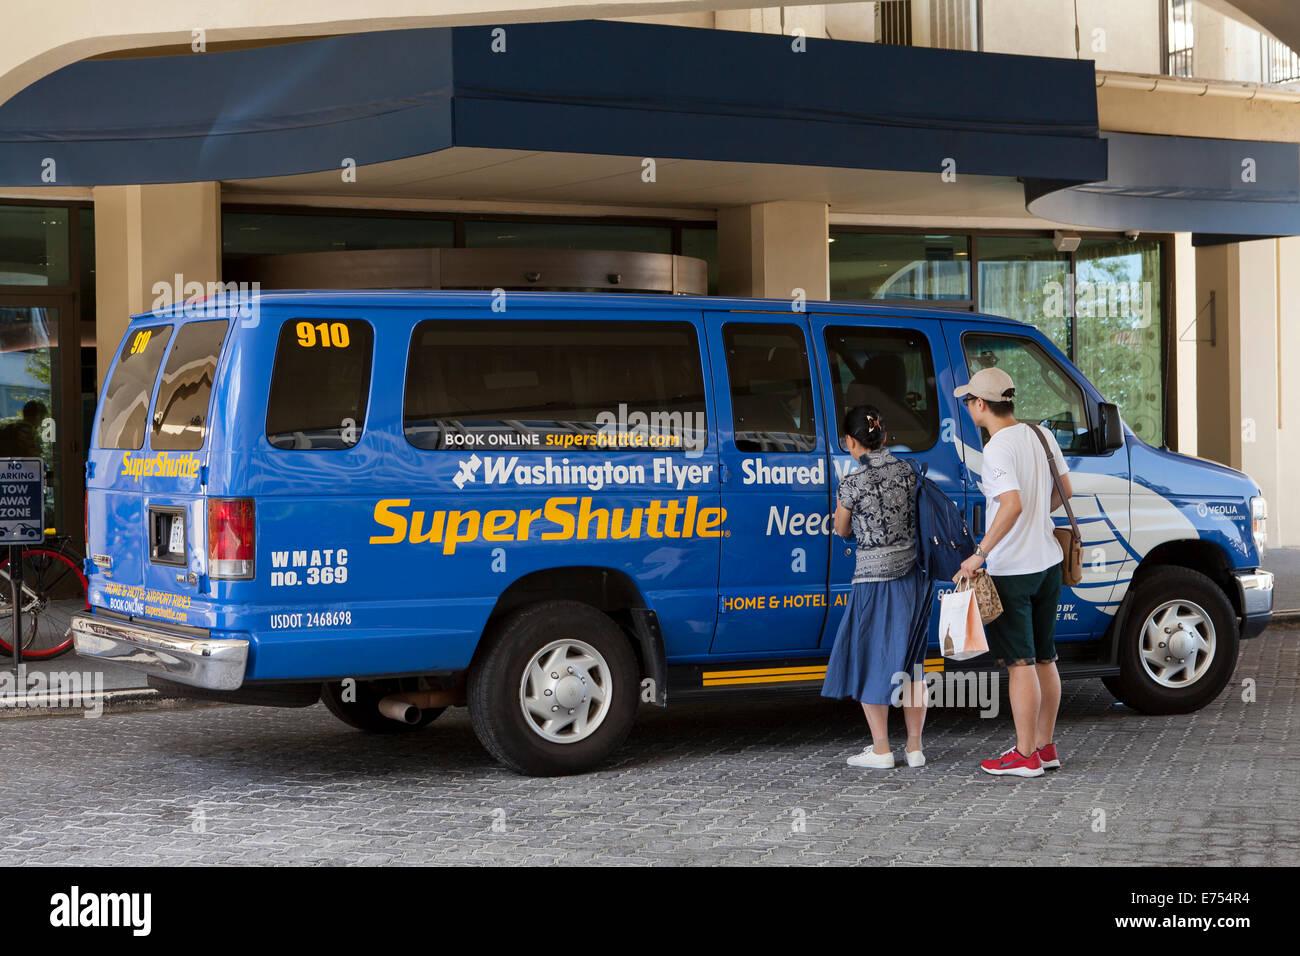 Washington Flyer Super Shuttle service van picking up travelers from hotel - Washington, DC USA - Stock Image